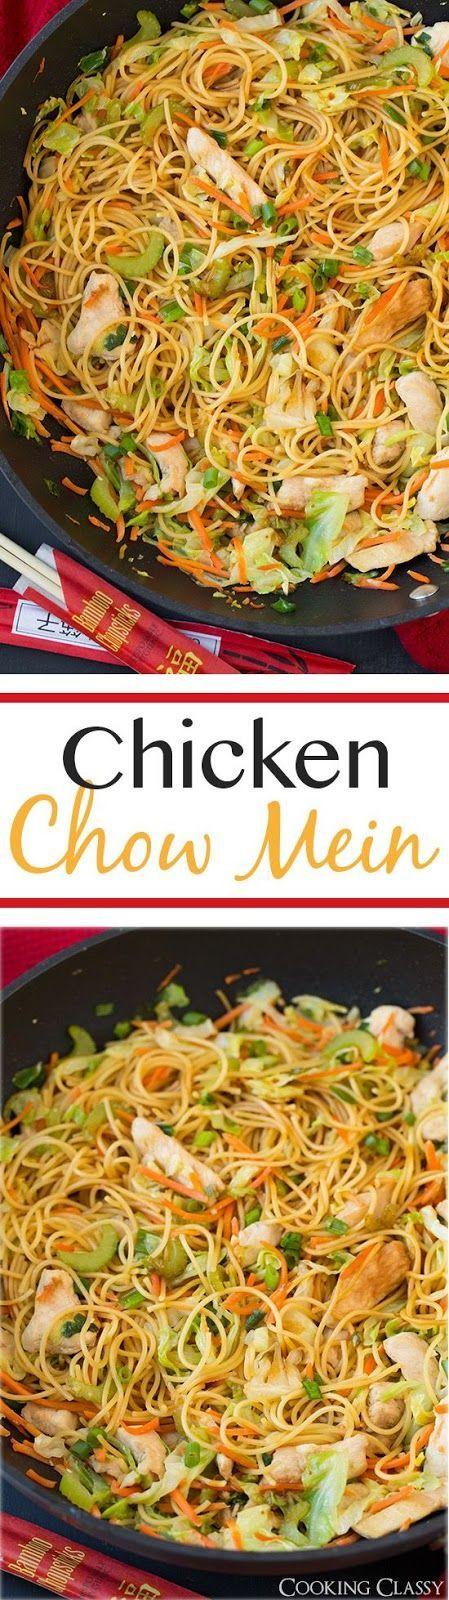 Chicken Chow Mein: